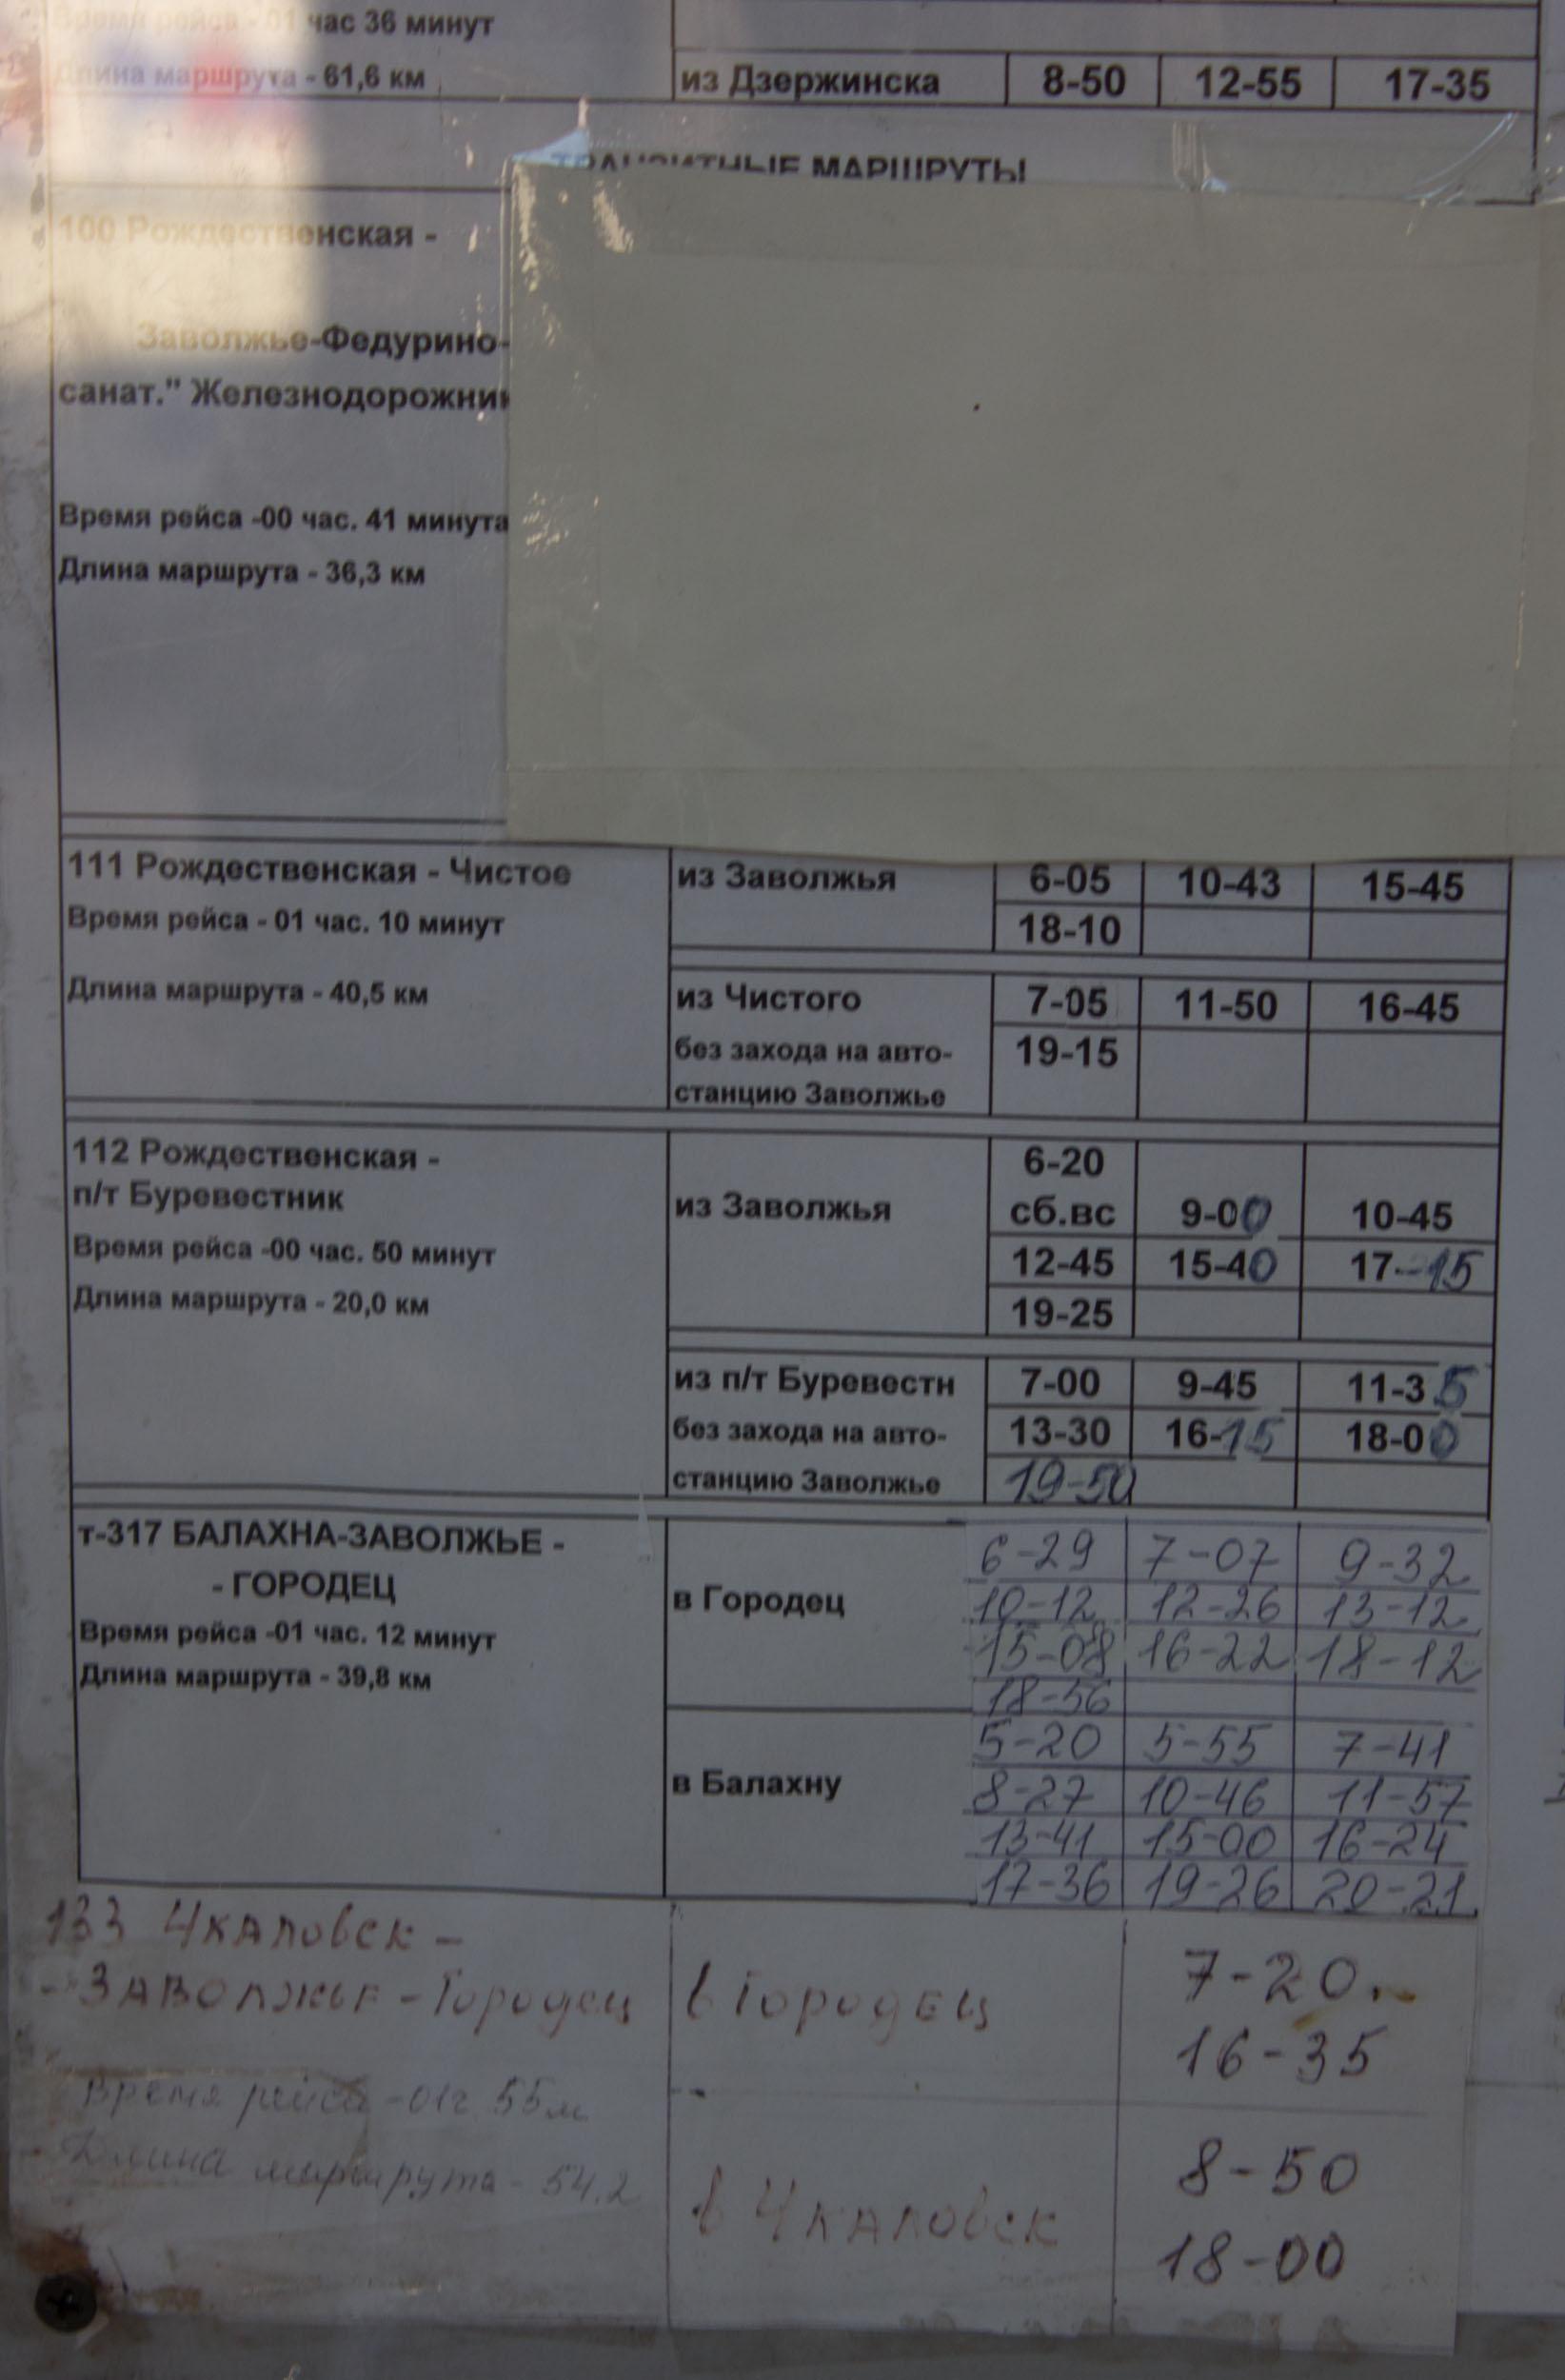 Билеты на автобусы на юг из Нижнего Новгорода билеты на